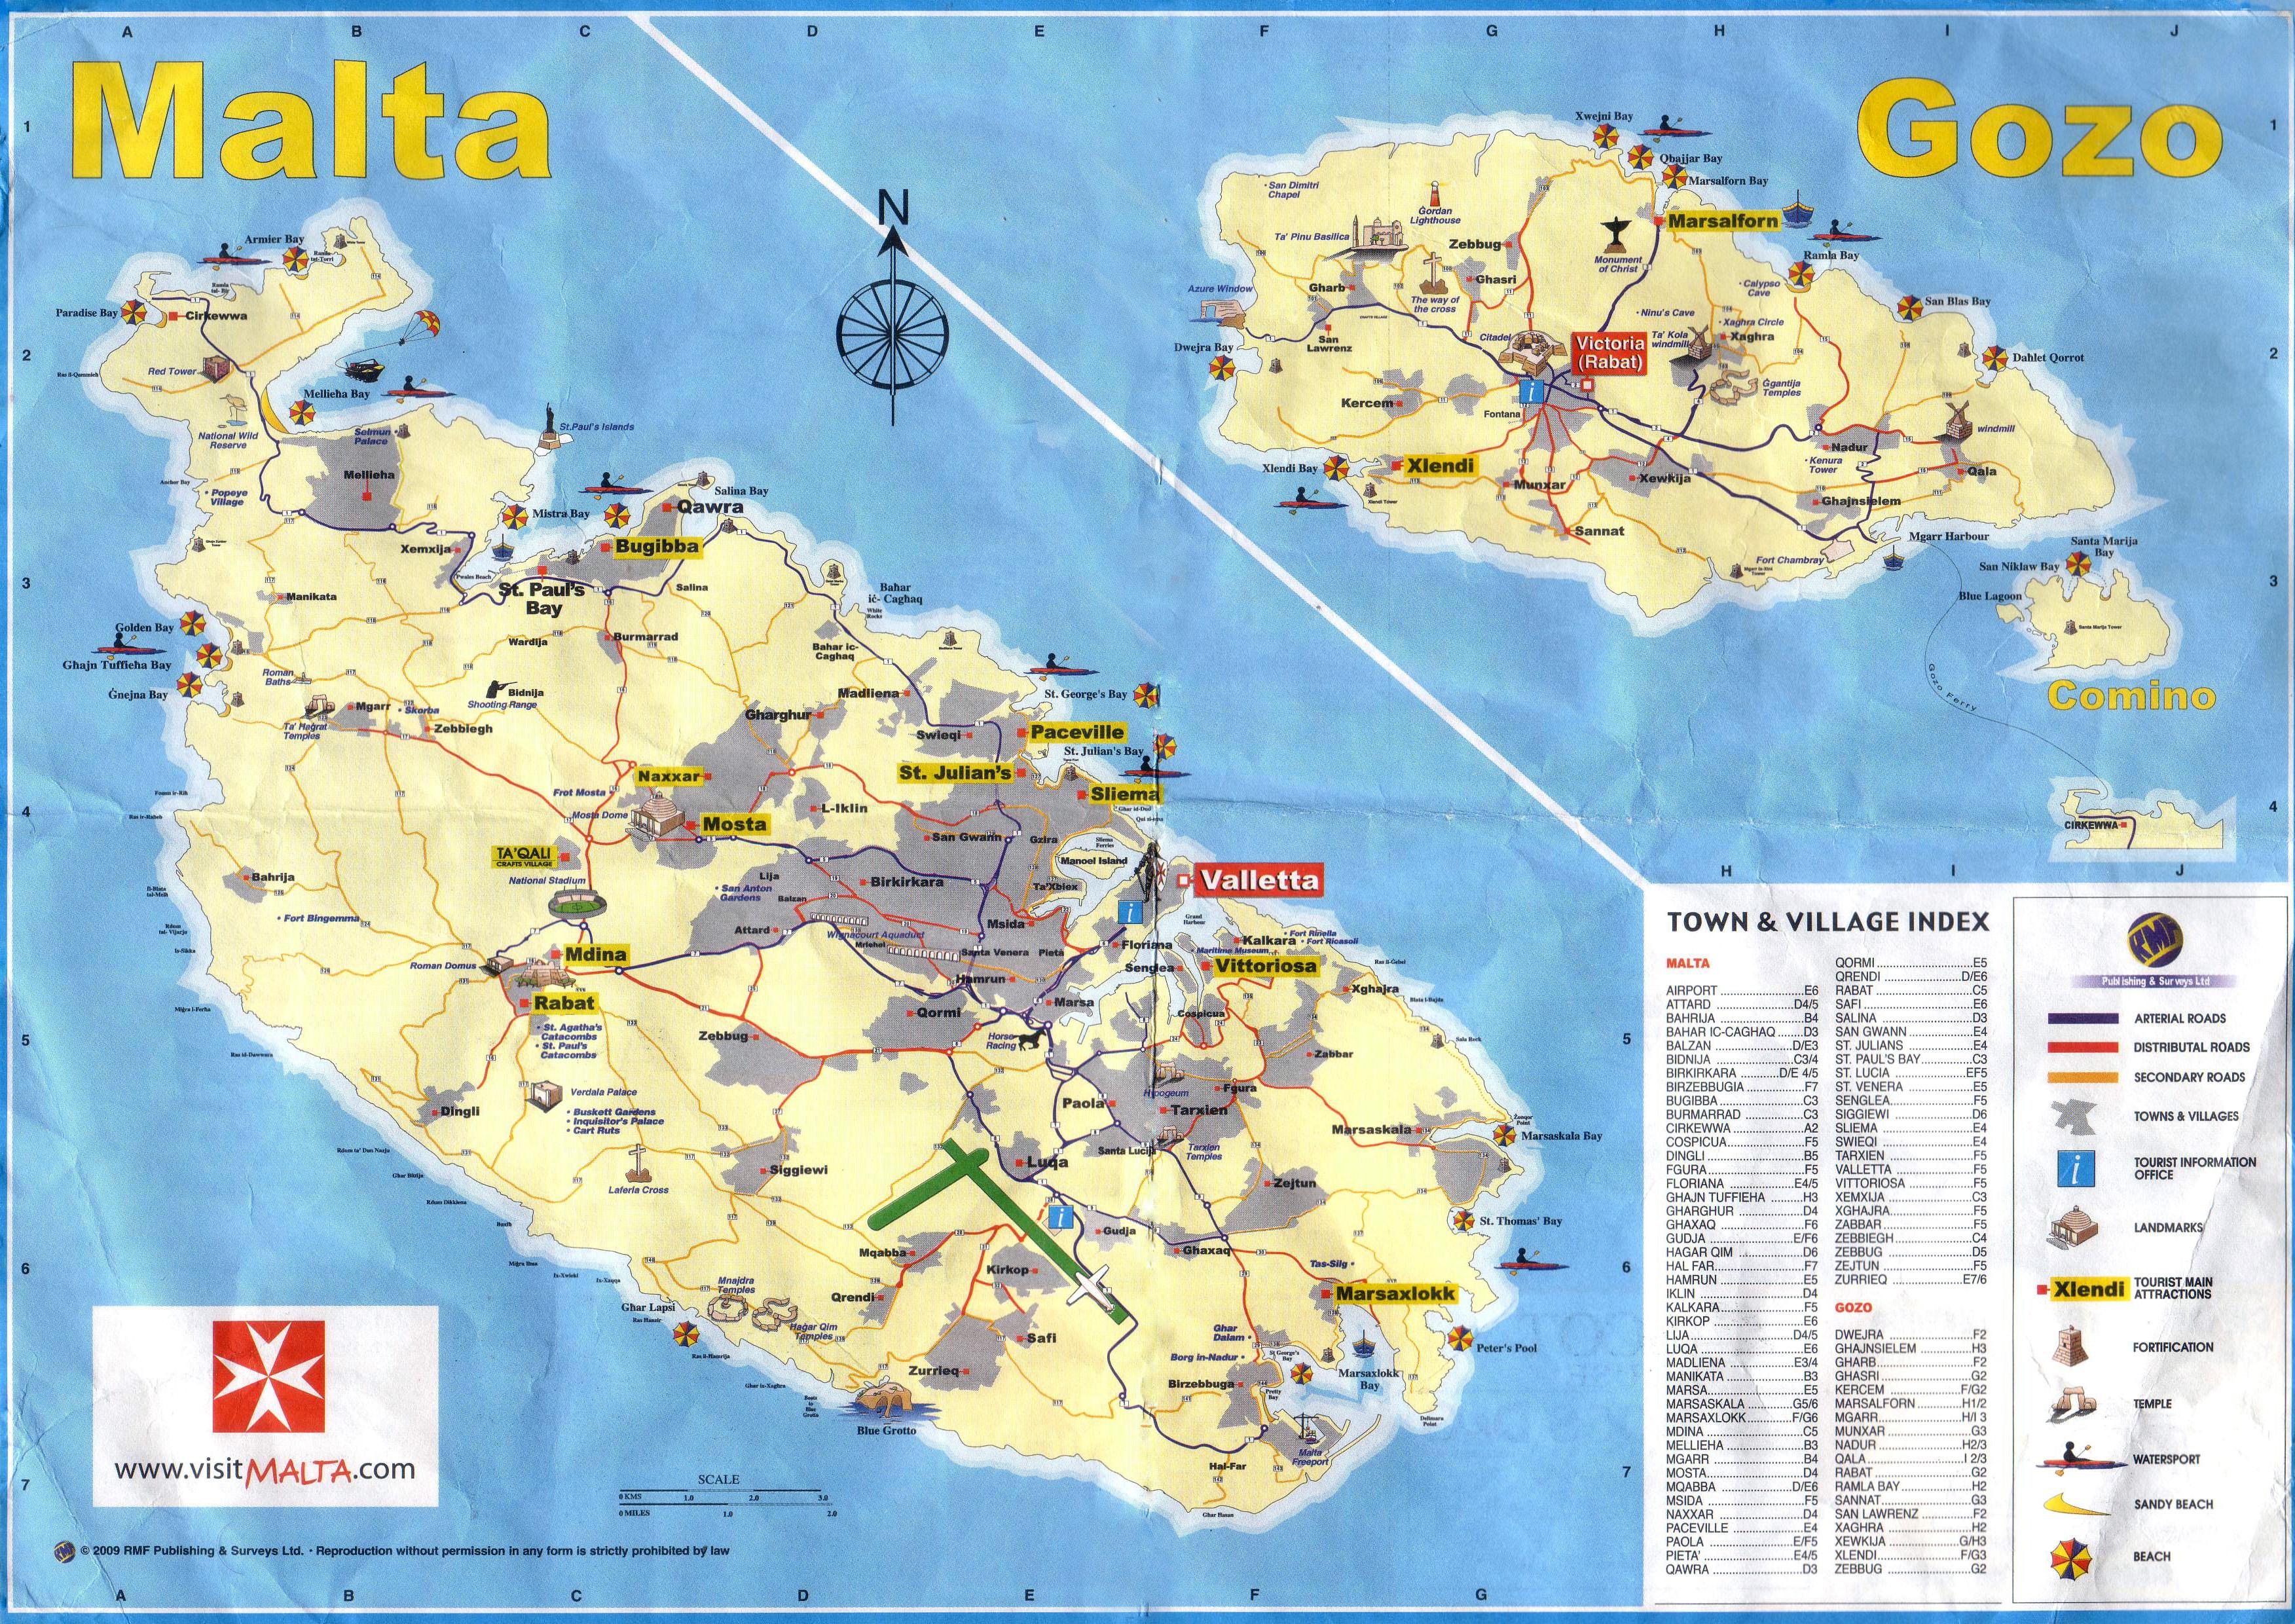 A Gran Escala Mapa Turistico De Malta Y Gozo Con Carreteras